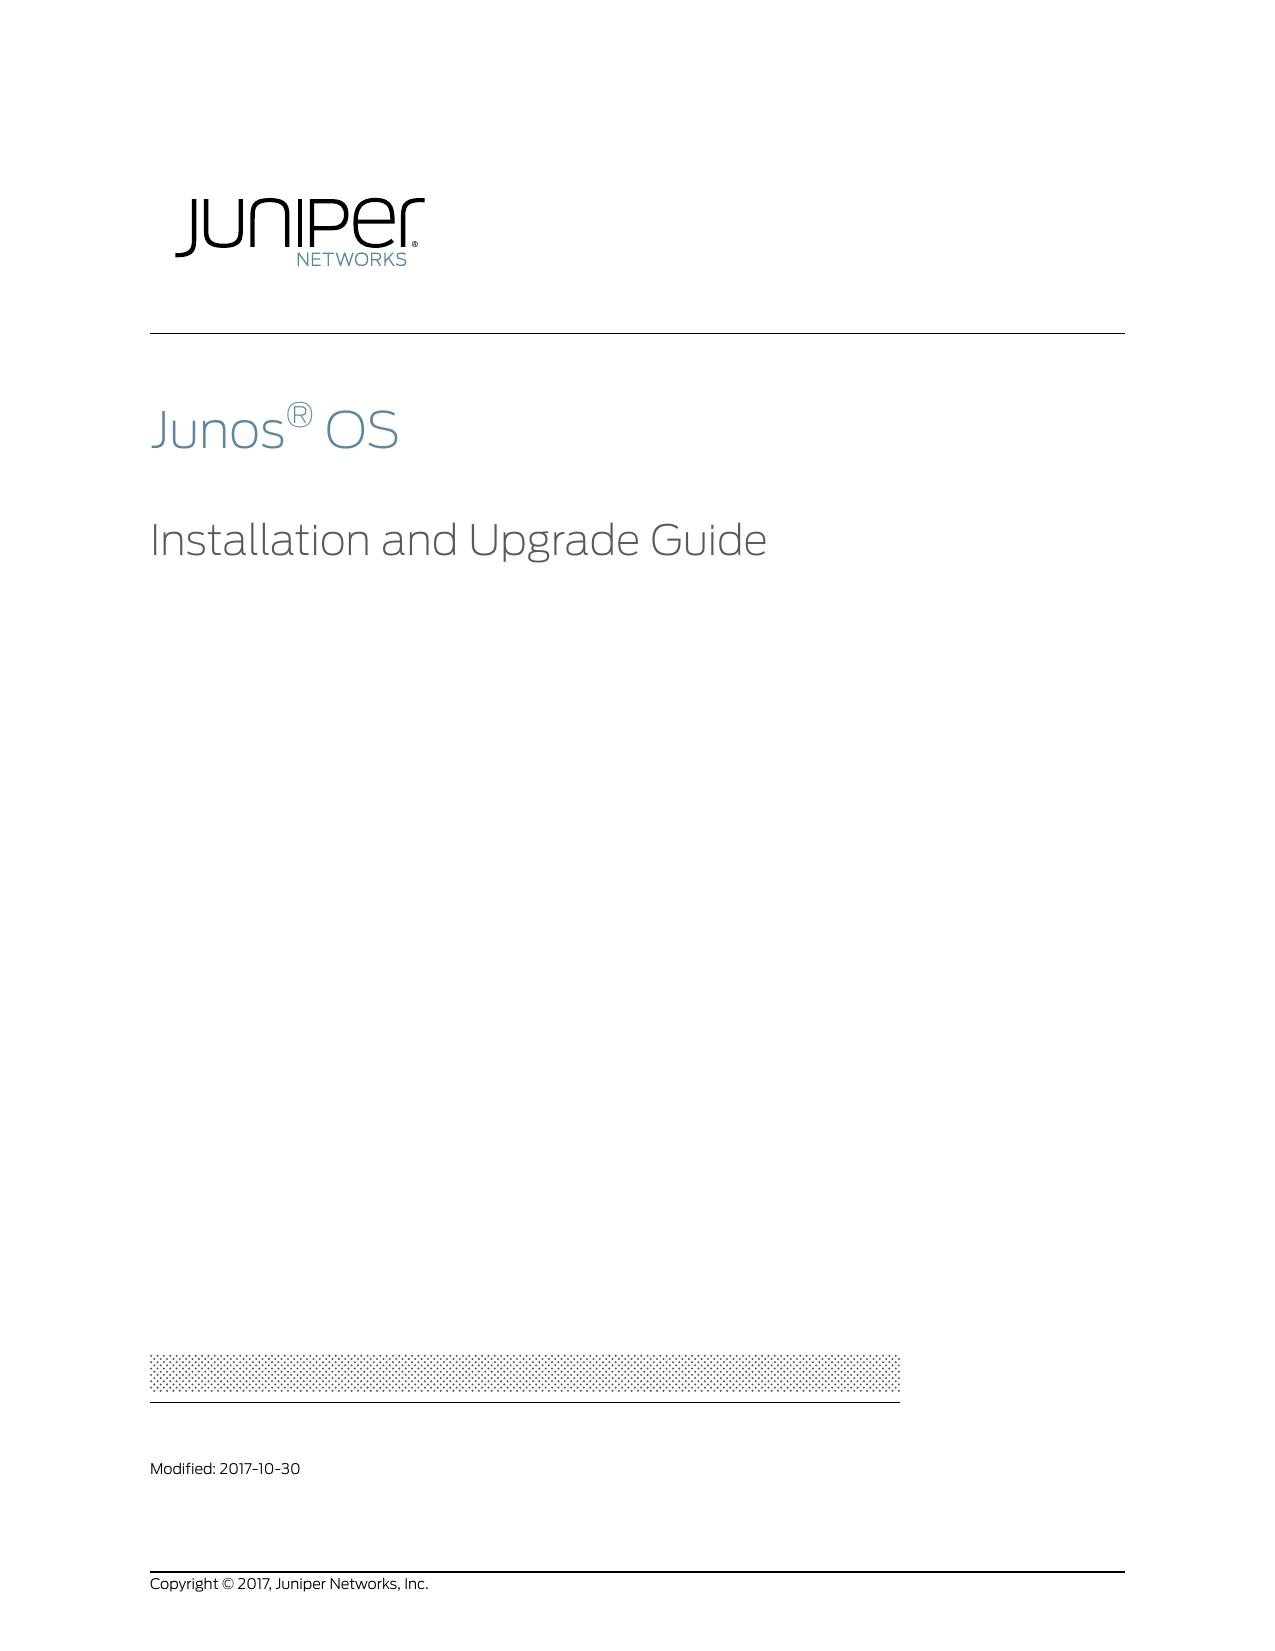 Junos® OS Installation and Upgrade Guide   manualzz com